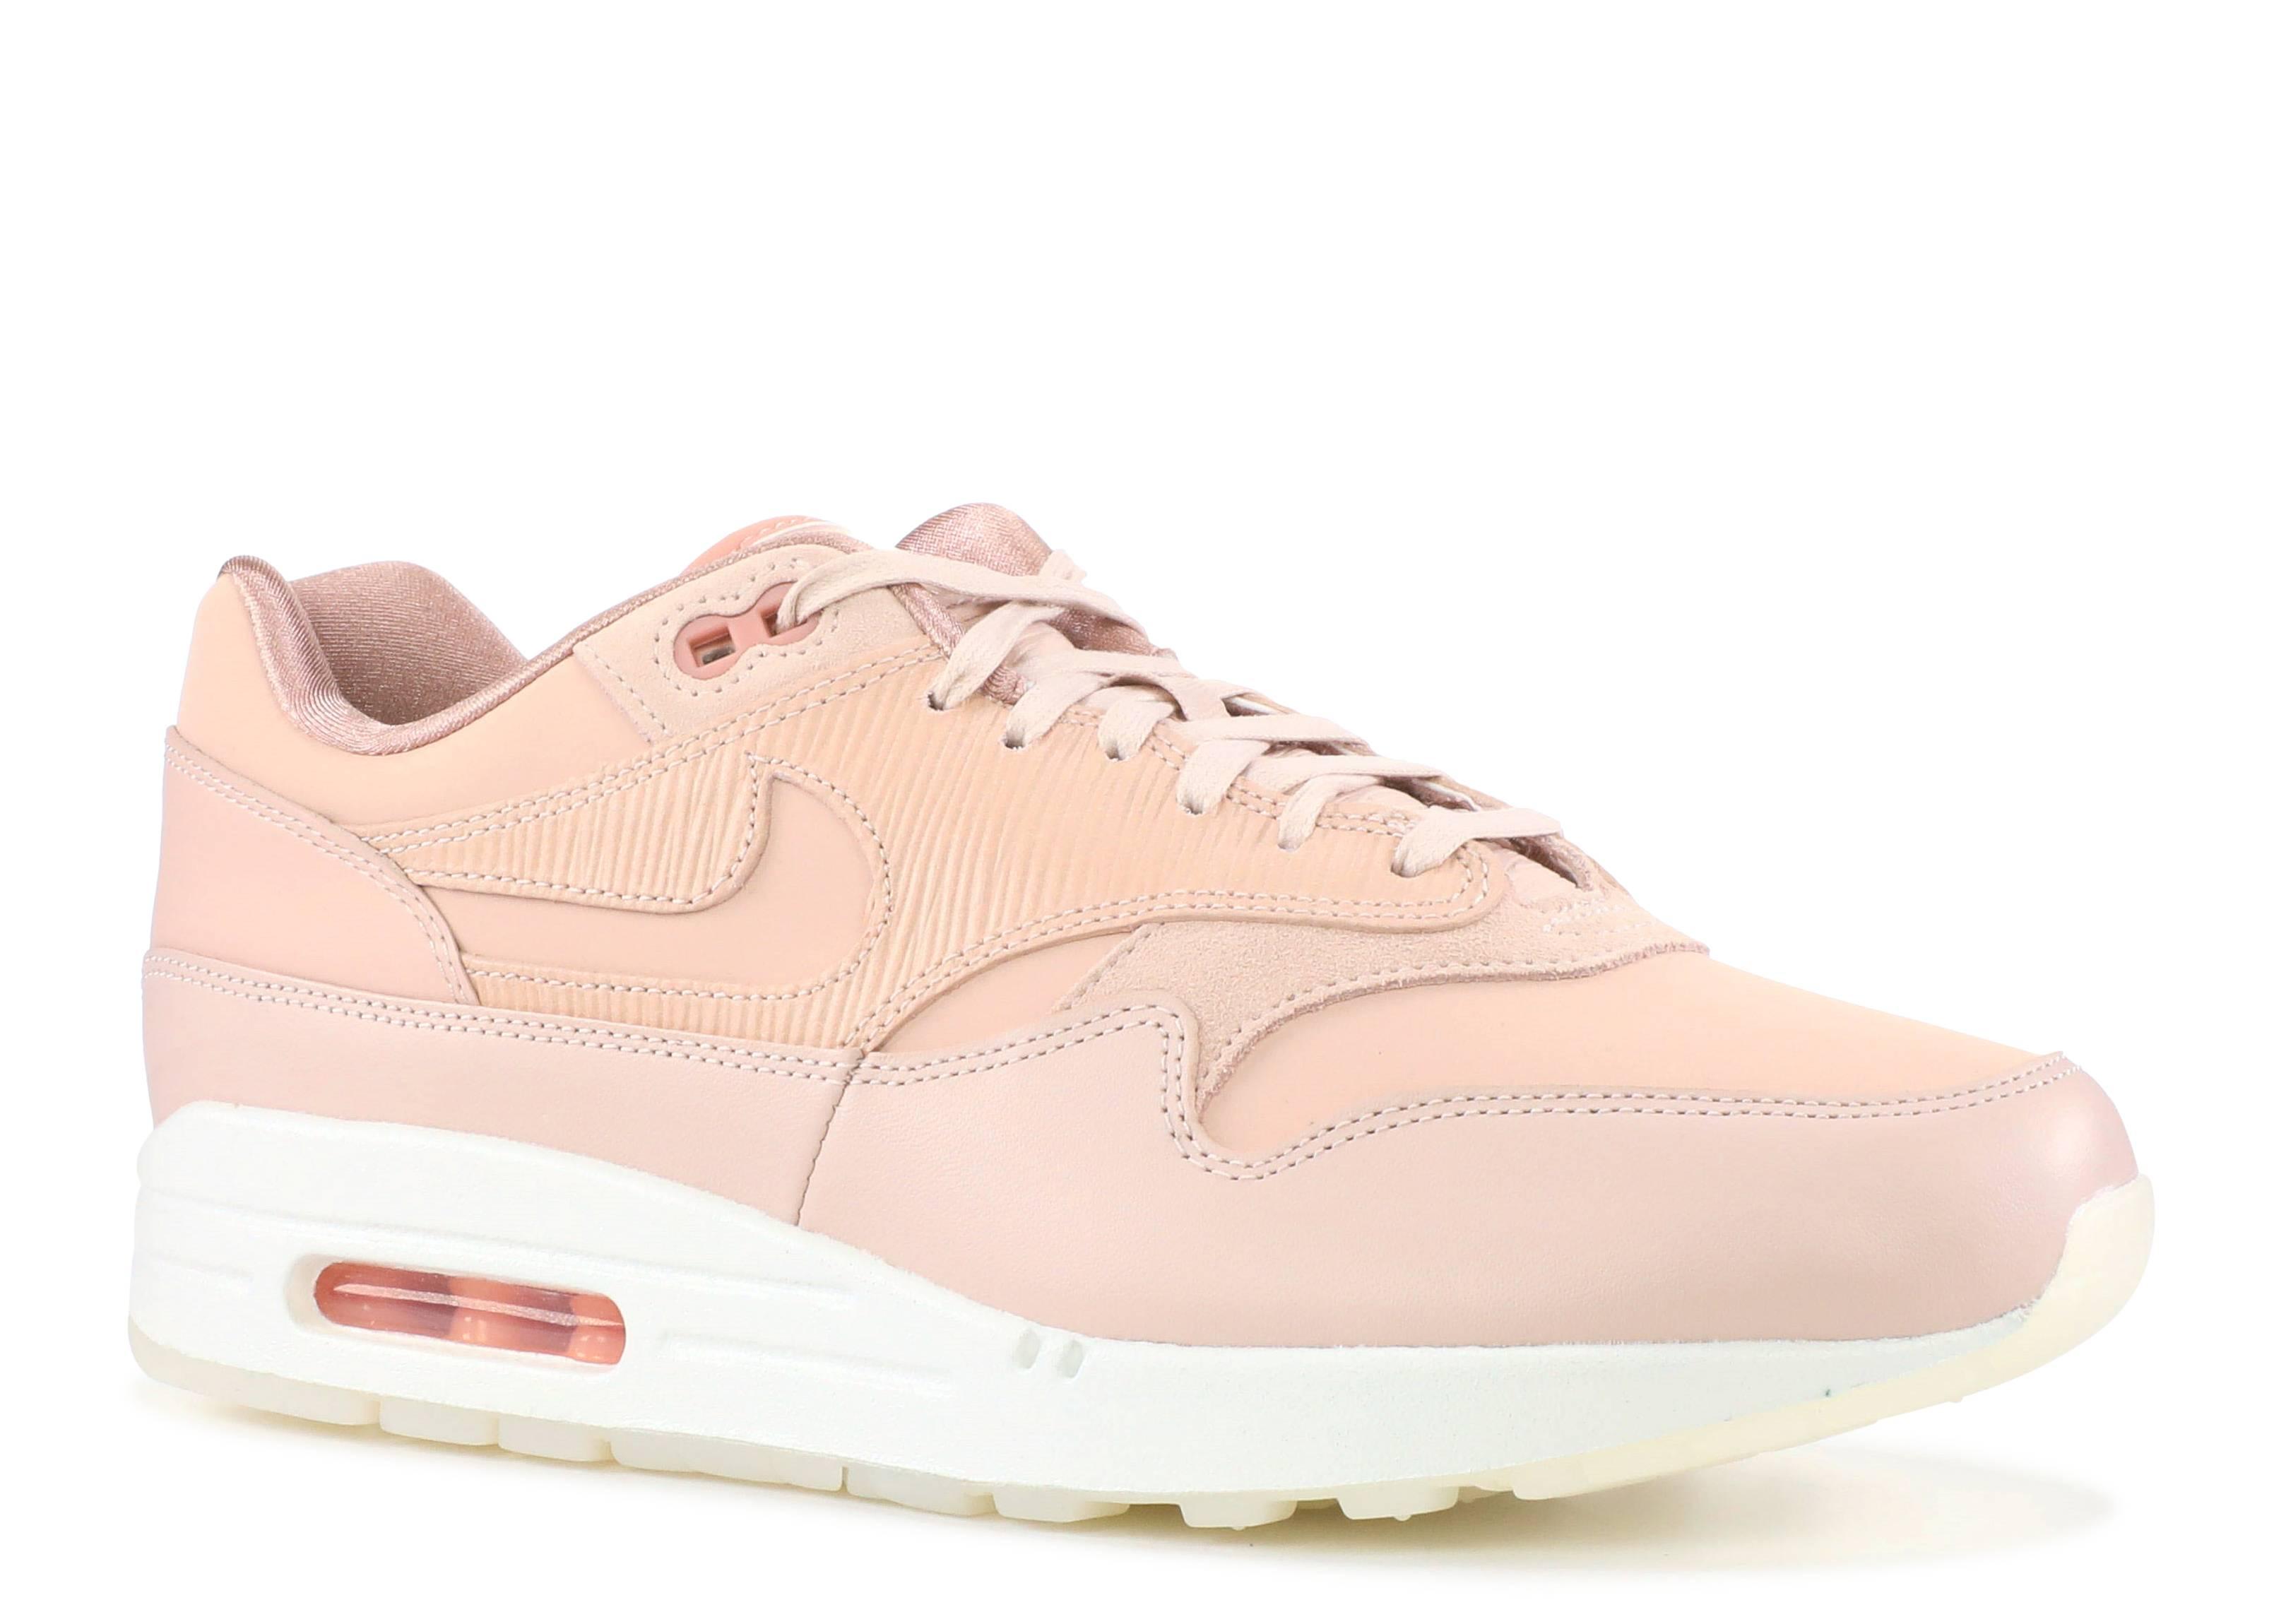 air max wmns beige